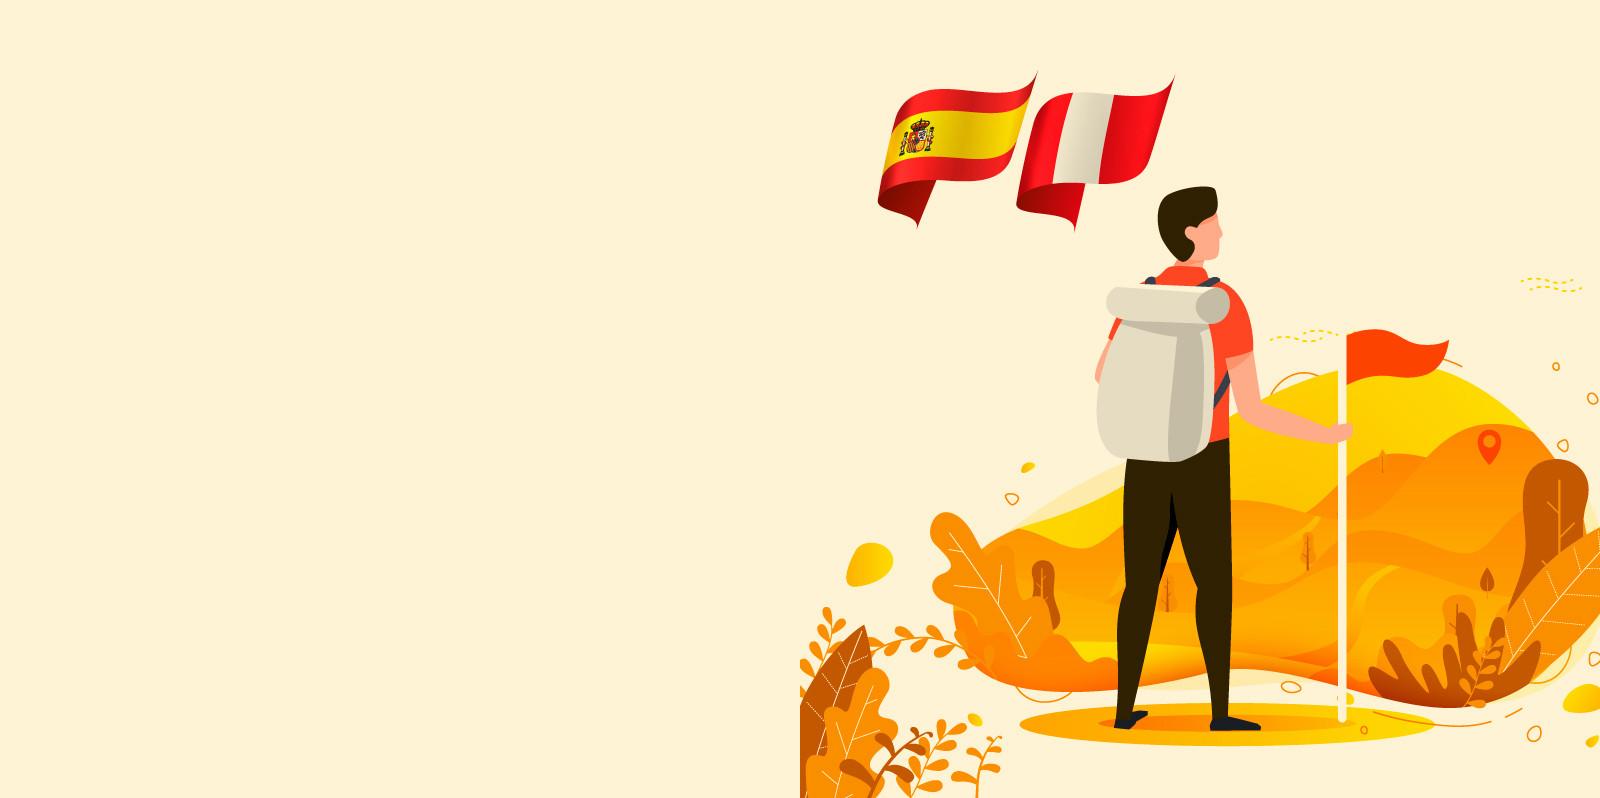 España es el primer país europeo por número de visitantes a Perú y octavo mundial